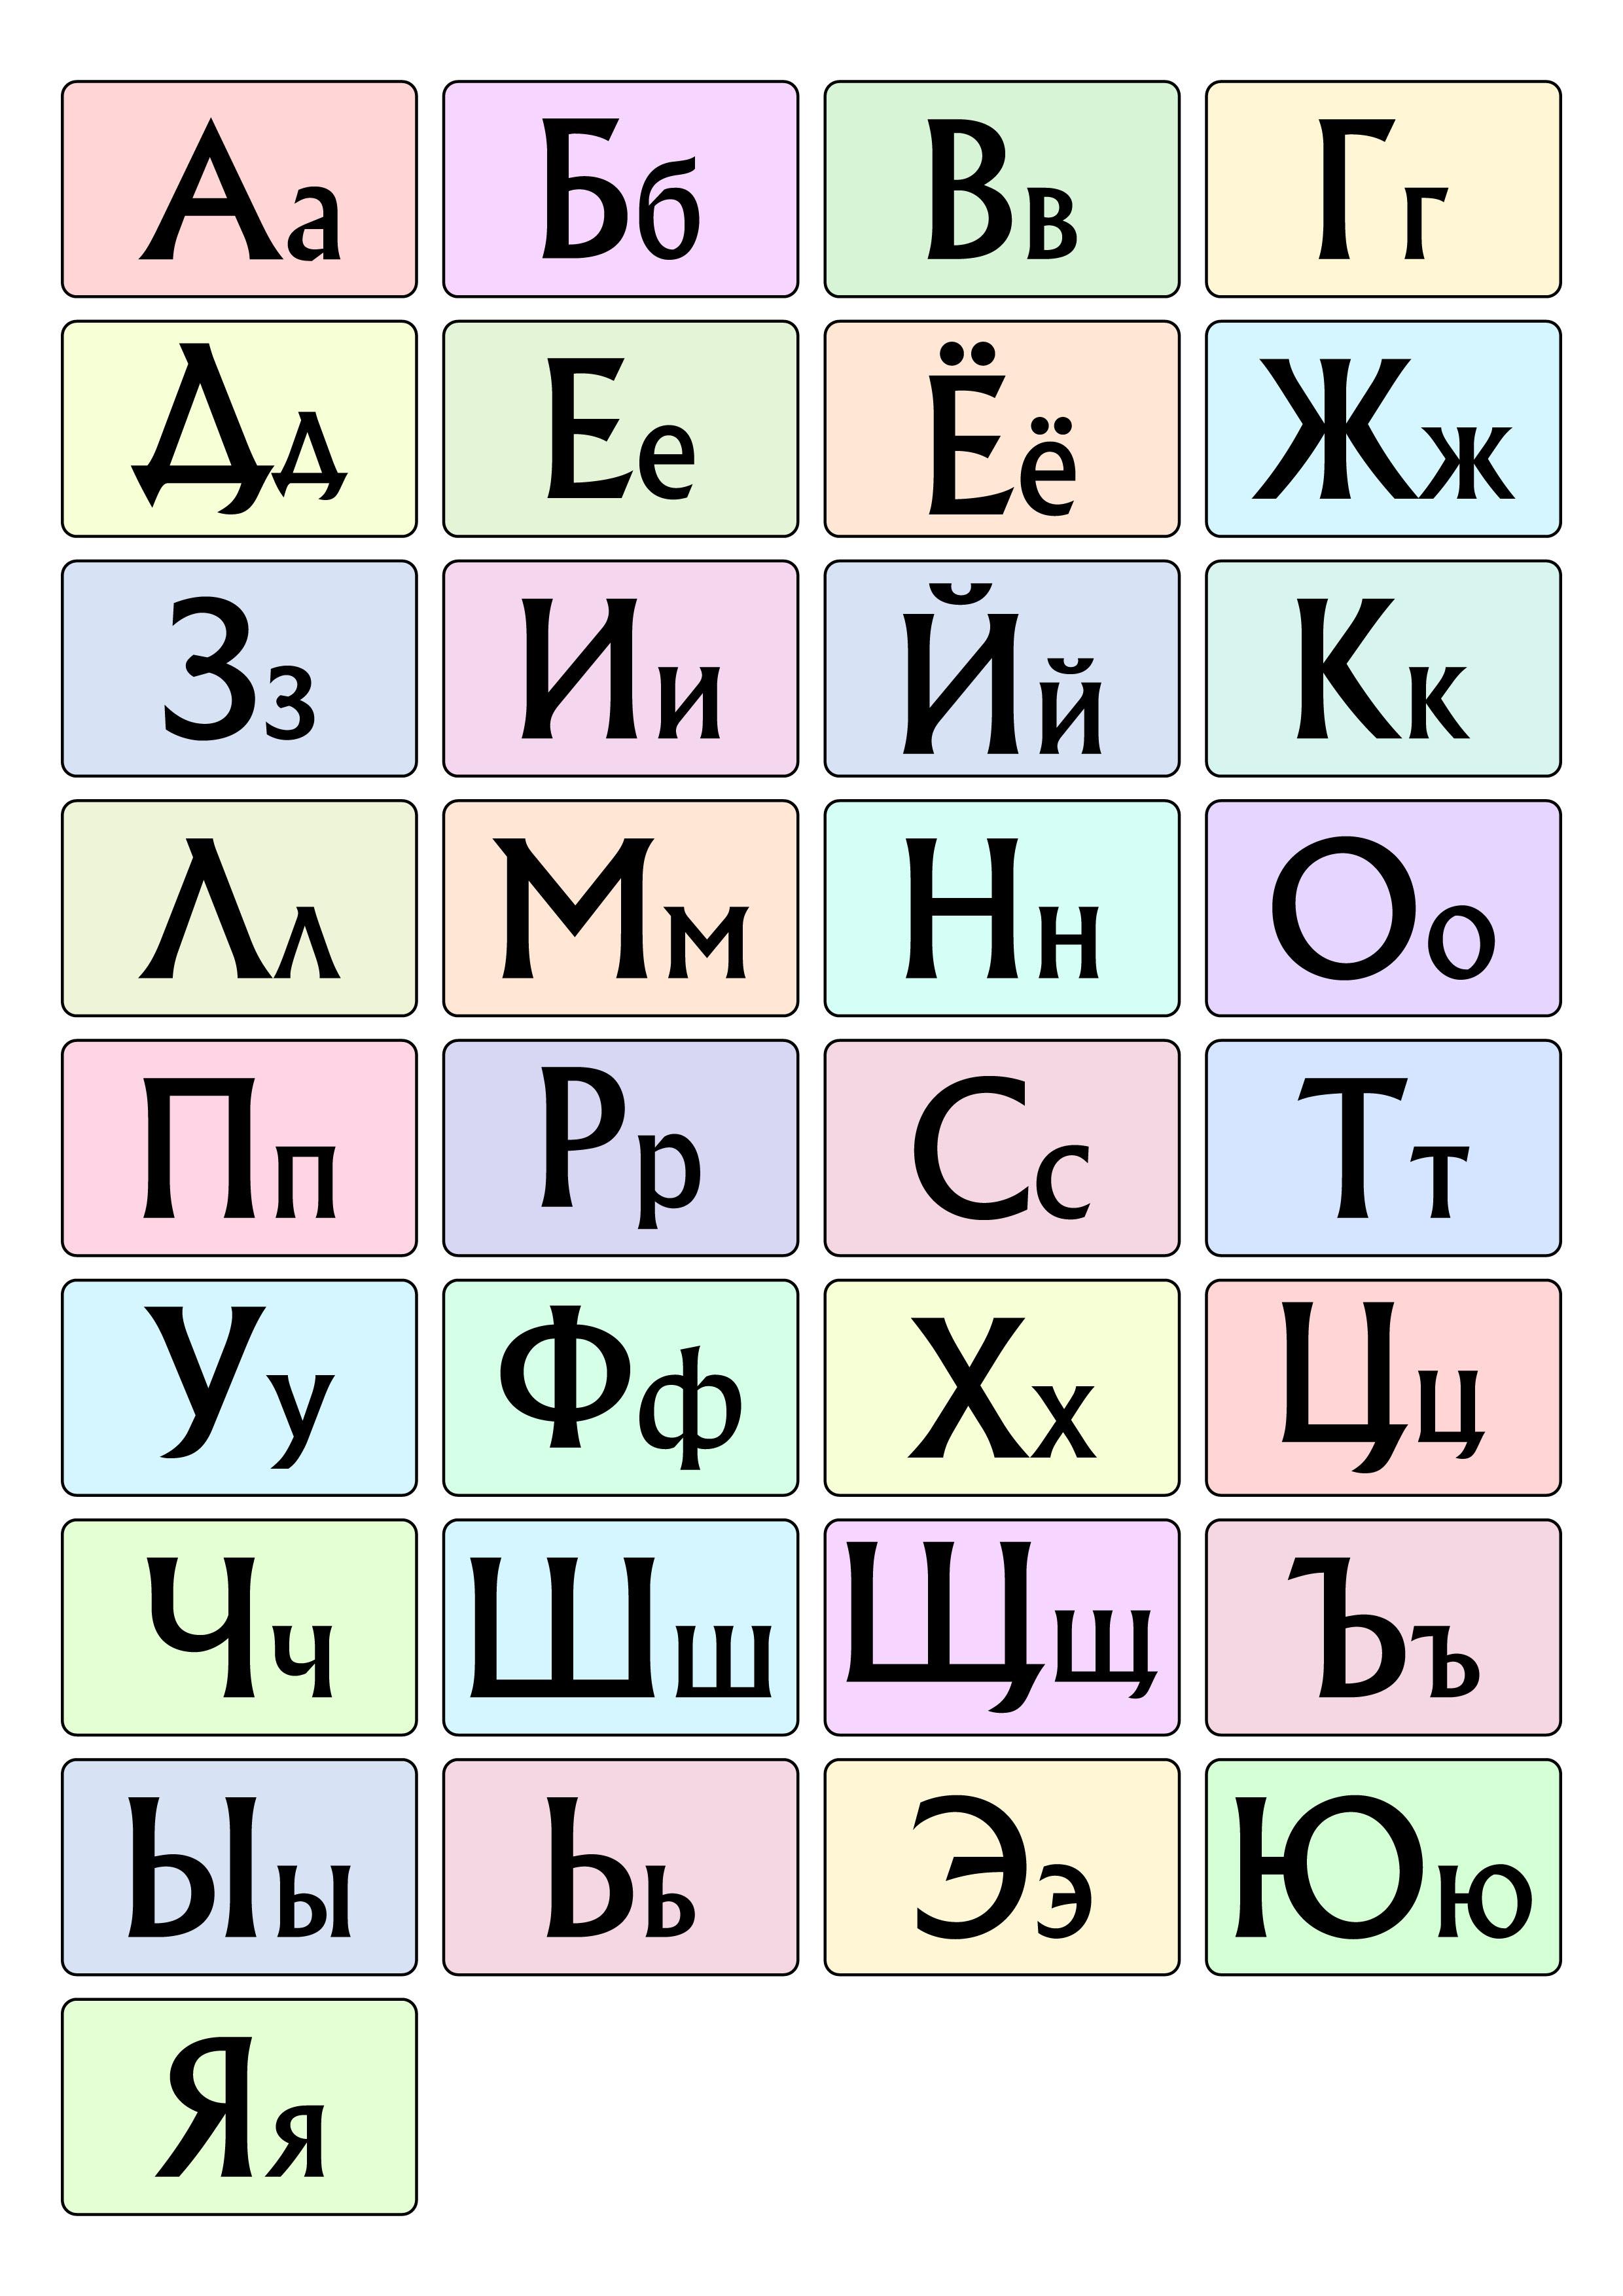 Скачать бесплатно русский алфавит — 3mu.ru